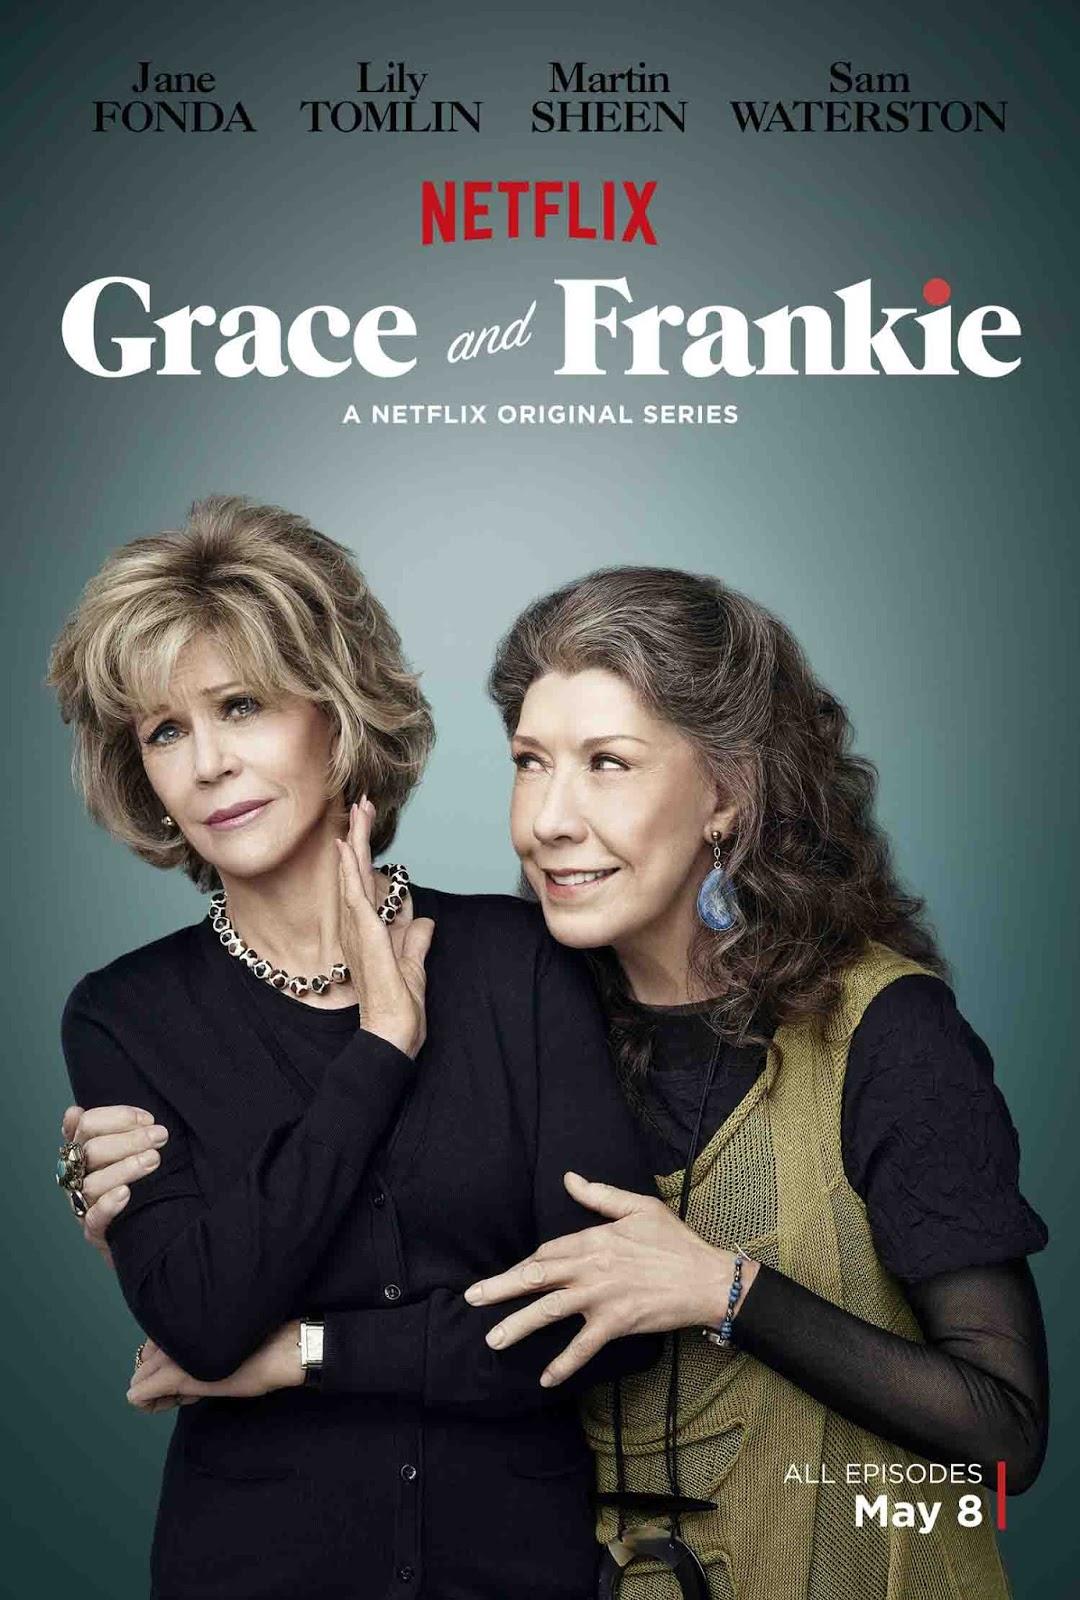 Grace and Frankie 1ª Temporada Torrent - WEBRip 720p Dual Áudio (2015)